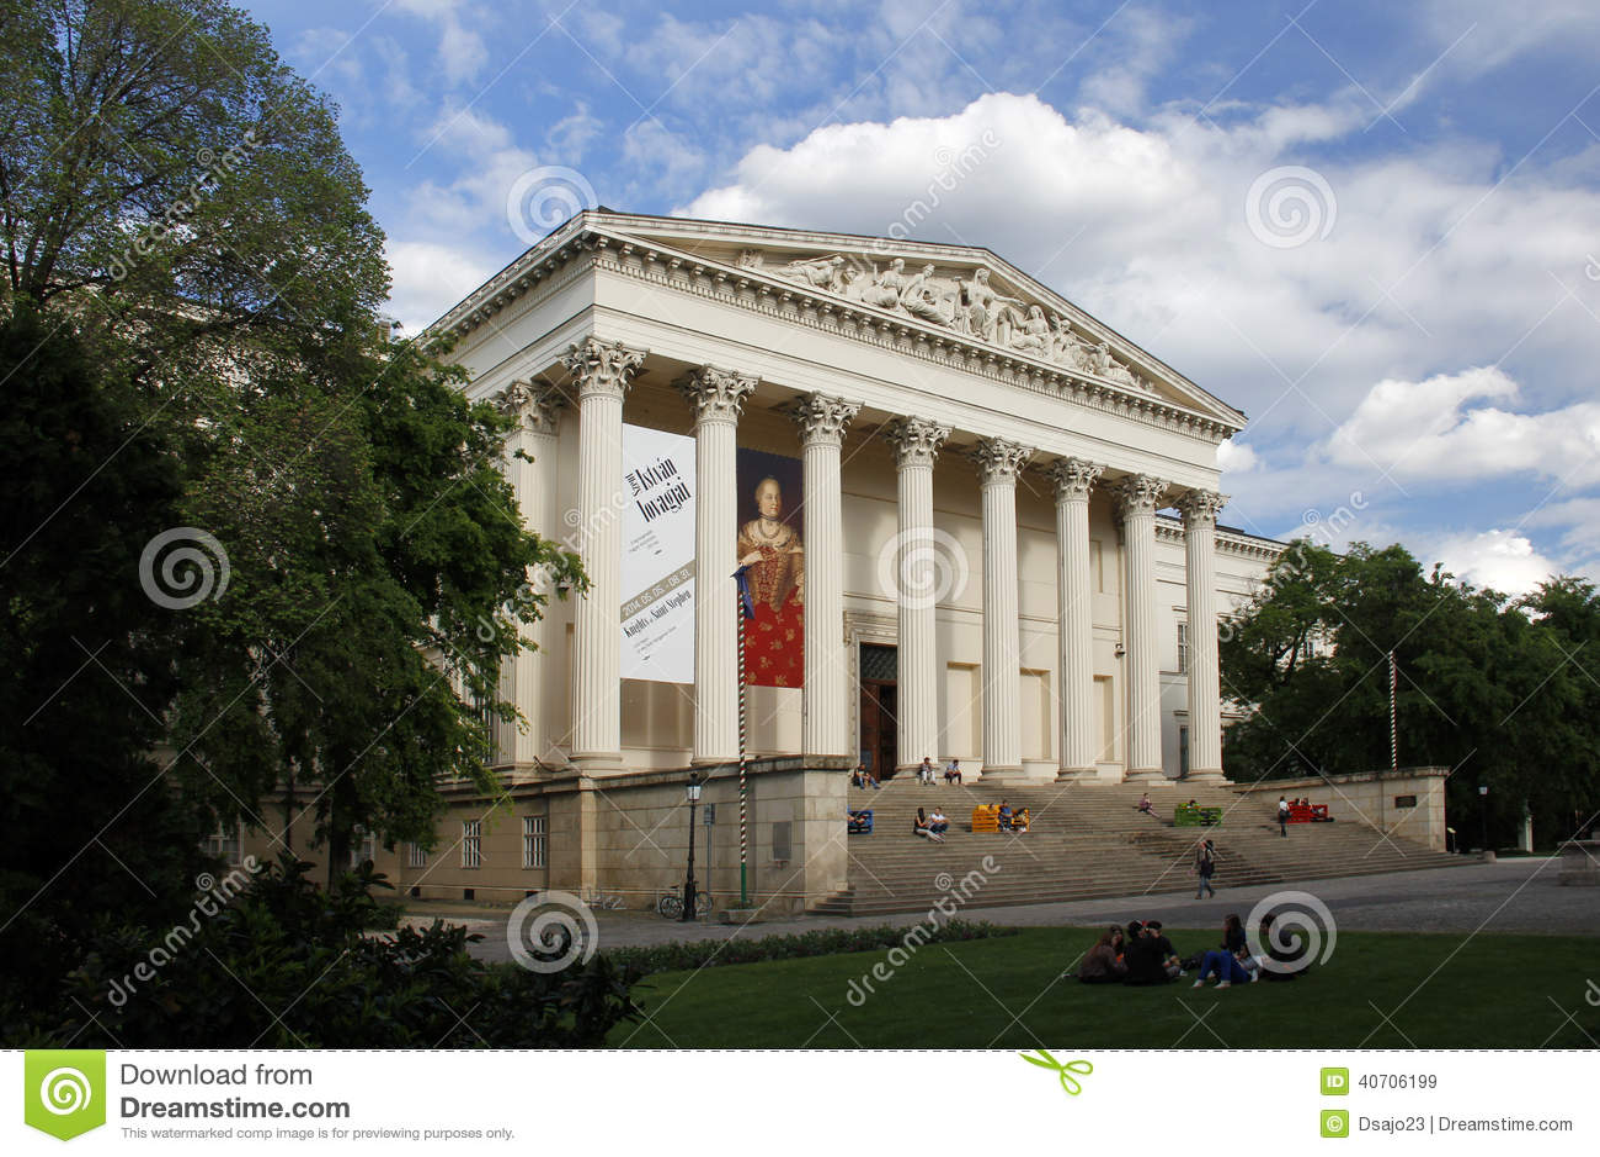 BUDAPEST/UNGHERIA - 9 MAGGIO: Museo nazionale ungherese, il 9 maggio 2014 Budapest/Ungheria